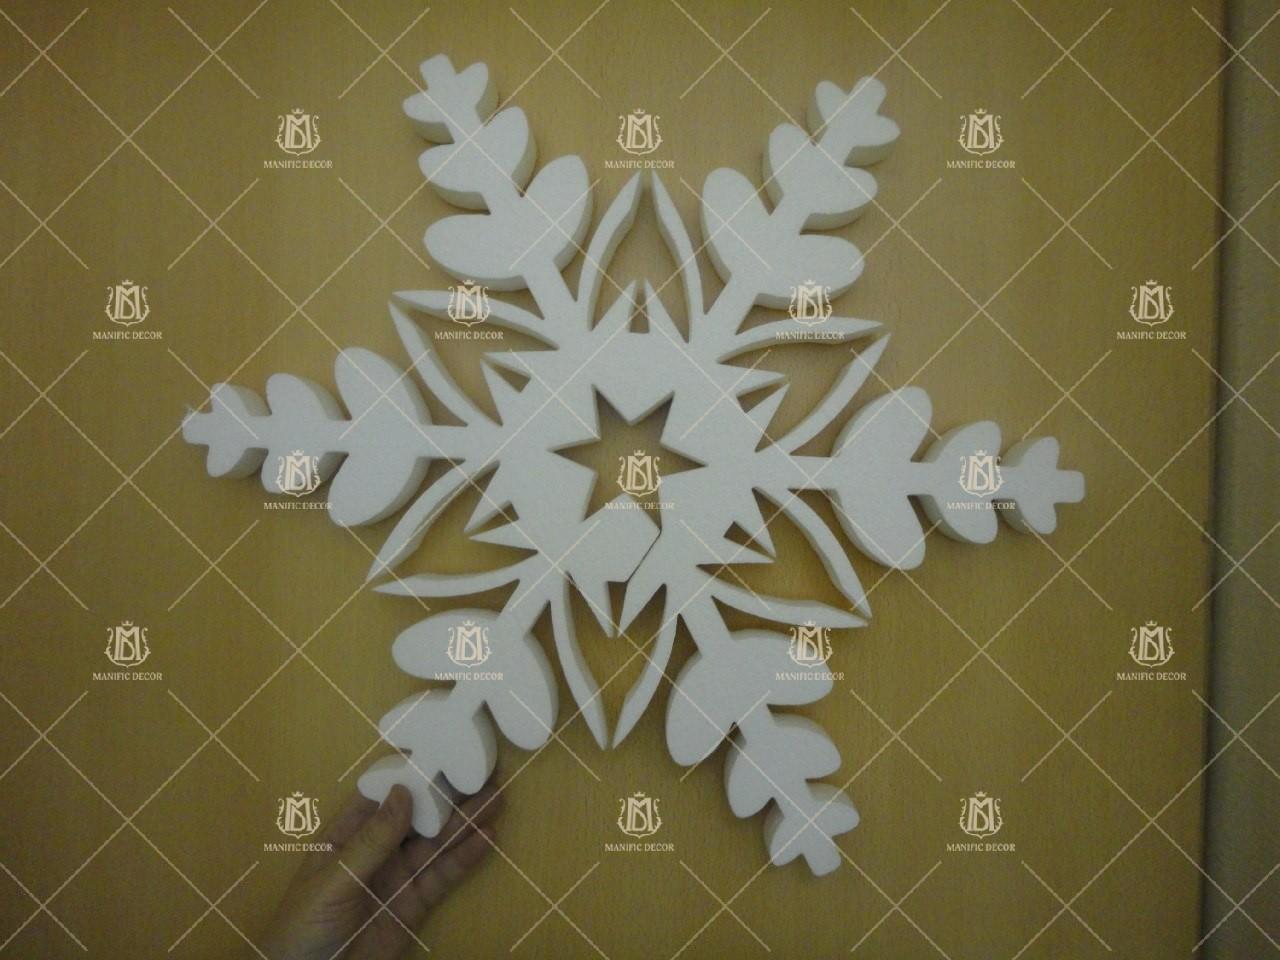 Новогодние поделки из пенопласта своими руками Поделки из пенопласта на Новый Год как сделать